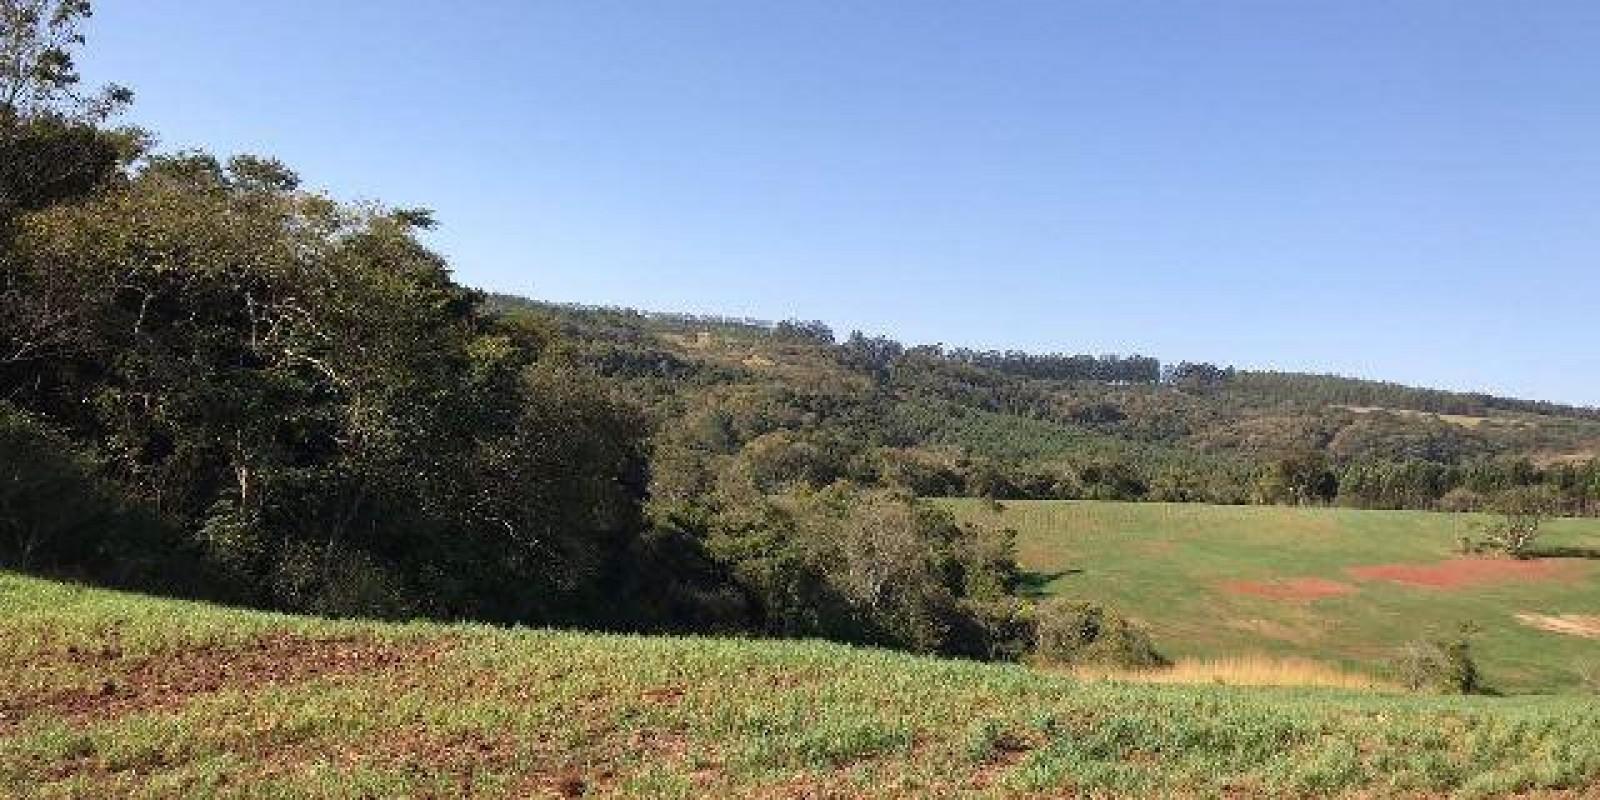 Fazenda de 40 Alqueires, Município de Sarutaiá Sp - Foto 7 de 20